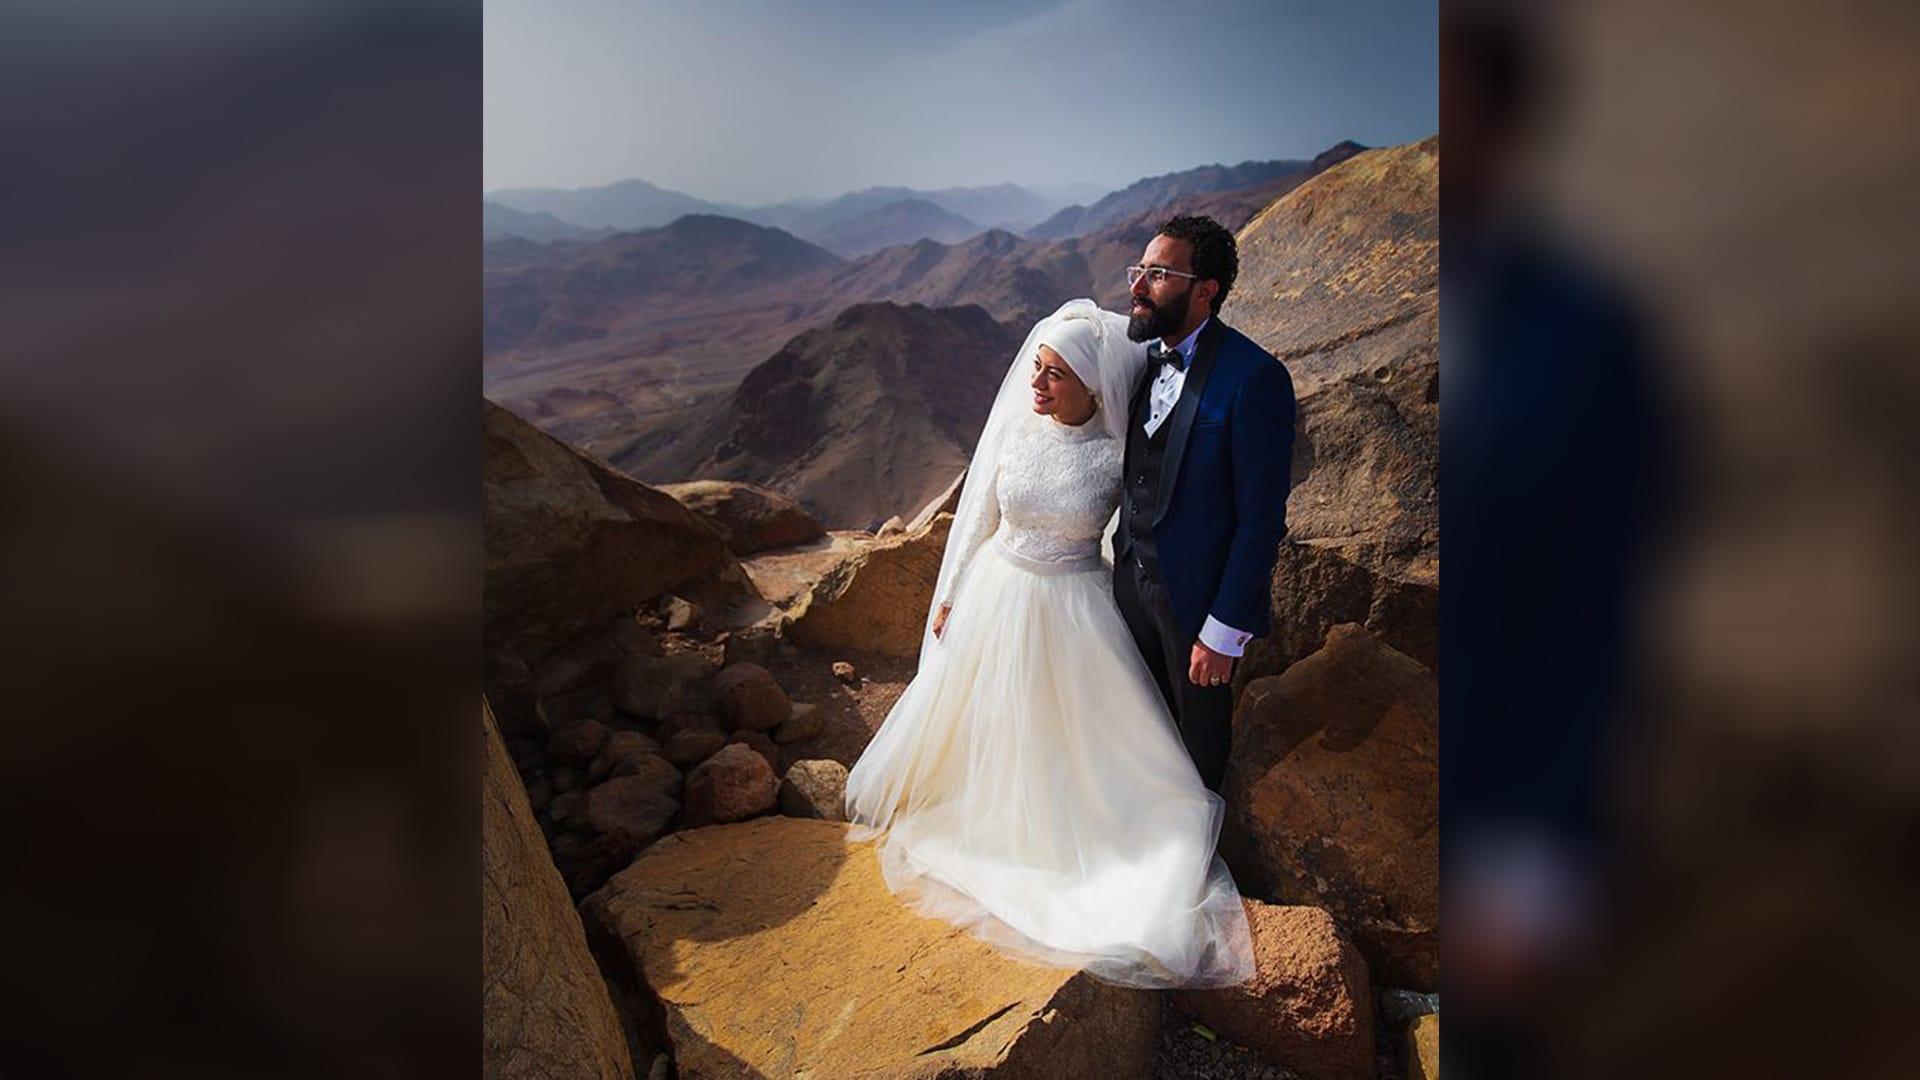 كيف استطاعت هذه المصرية ارتداء فستان زفافها على جبل موسى؟